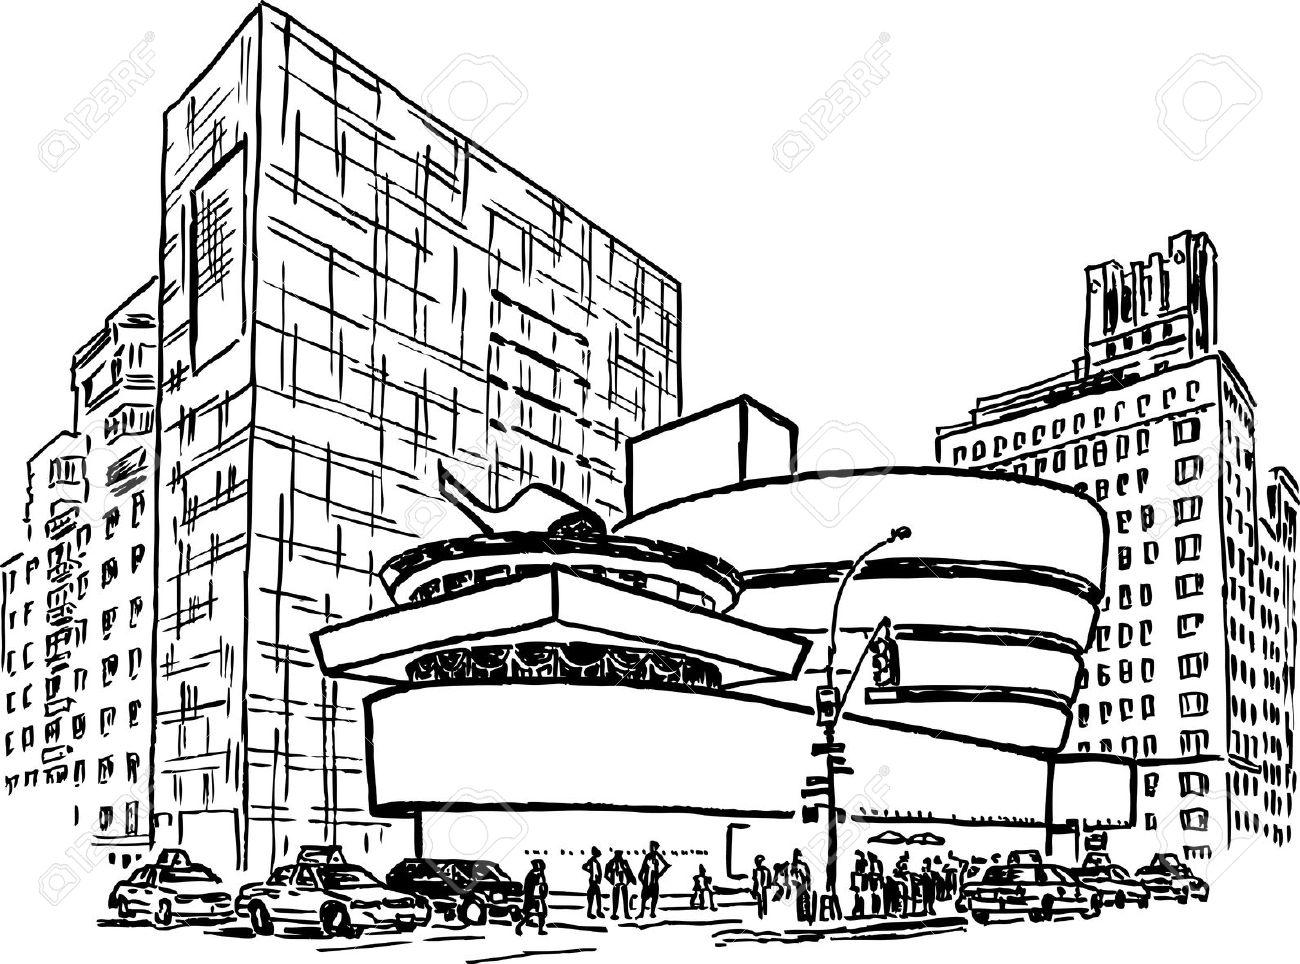 Guggenheim Clipart